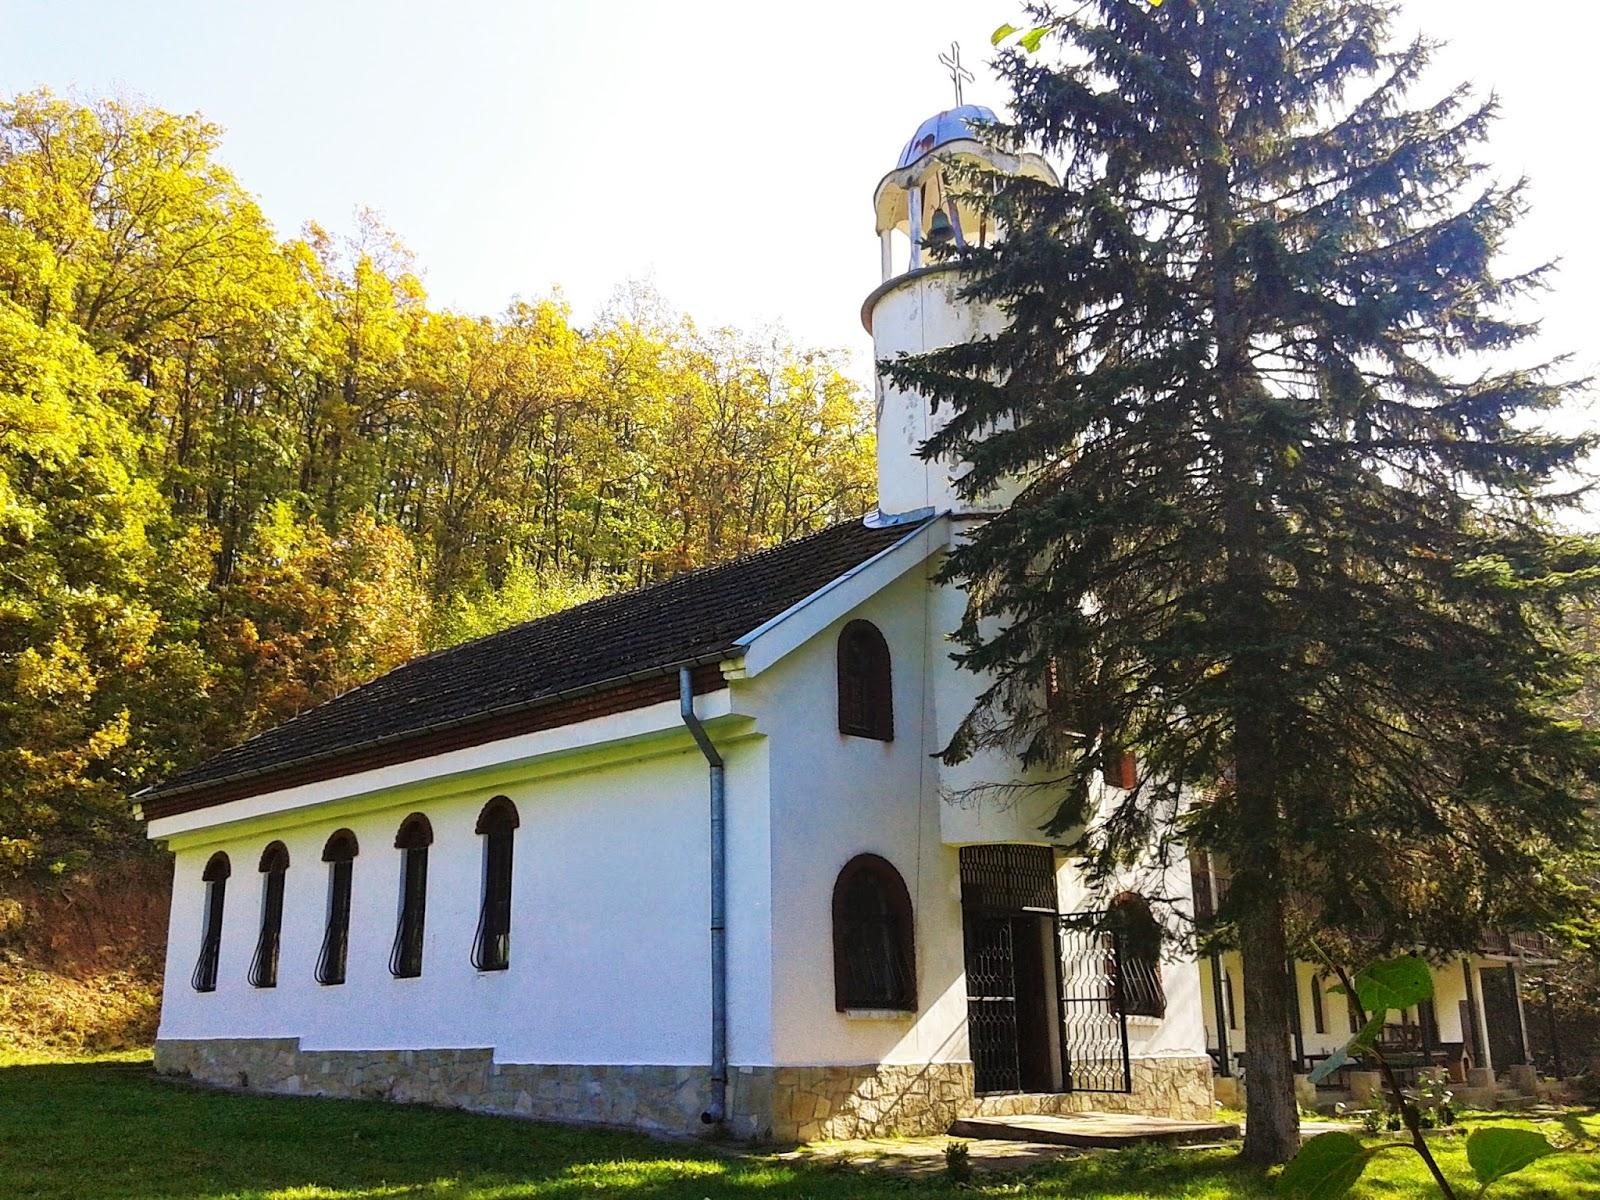 Църквата в Урвичкия манастир Св. Николай Летни Чудотворец